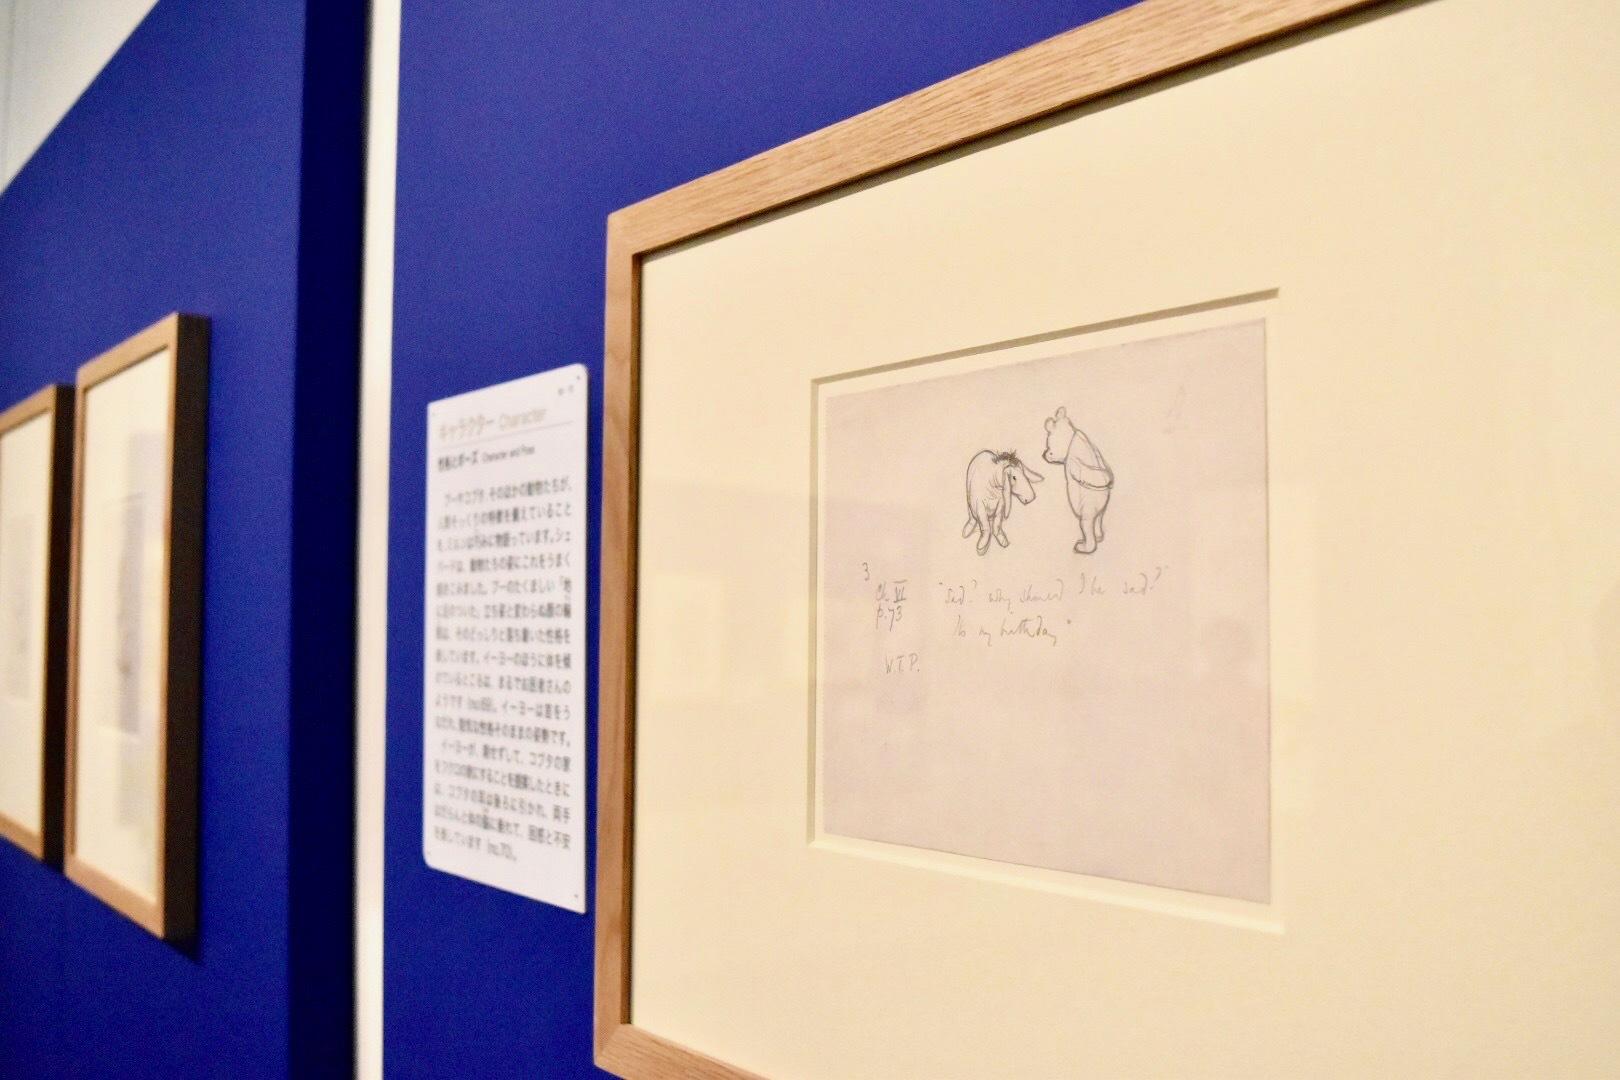 E.H.シェパード 「かなしそう?わしがかなしんでいいものか。きょうは、わしの誕生日じゃ」『クマのプーさん』6章 1926年 ヴィクトリア・アンド・アルバート博物館所蔵